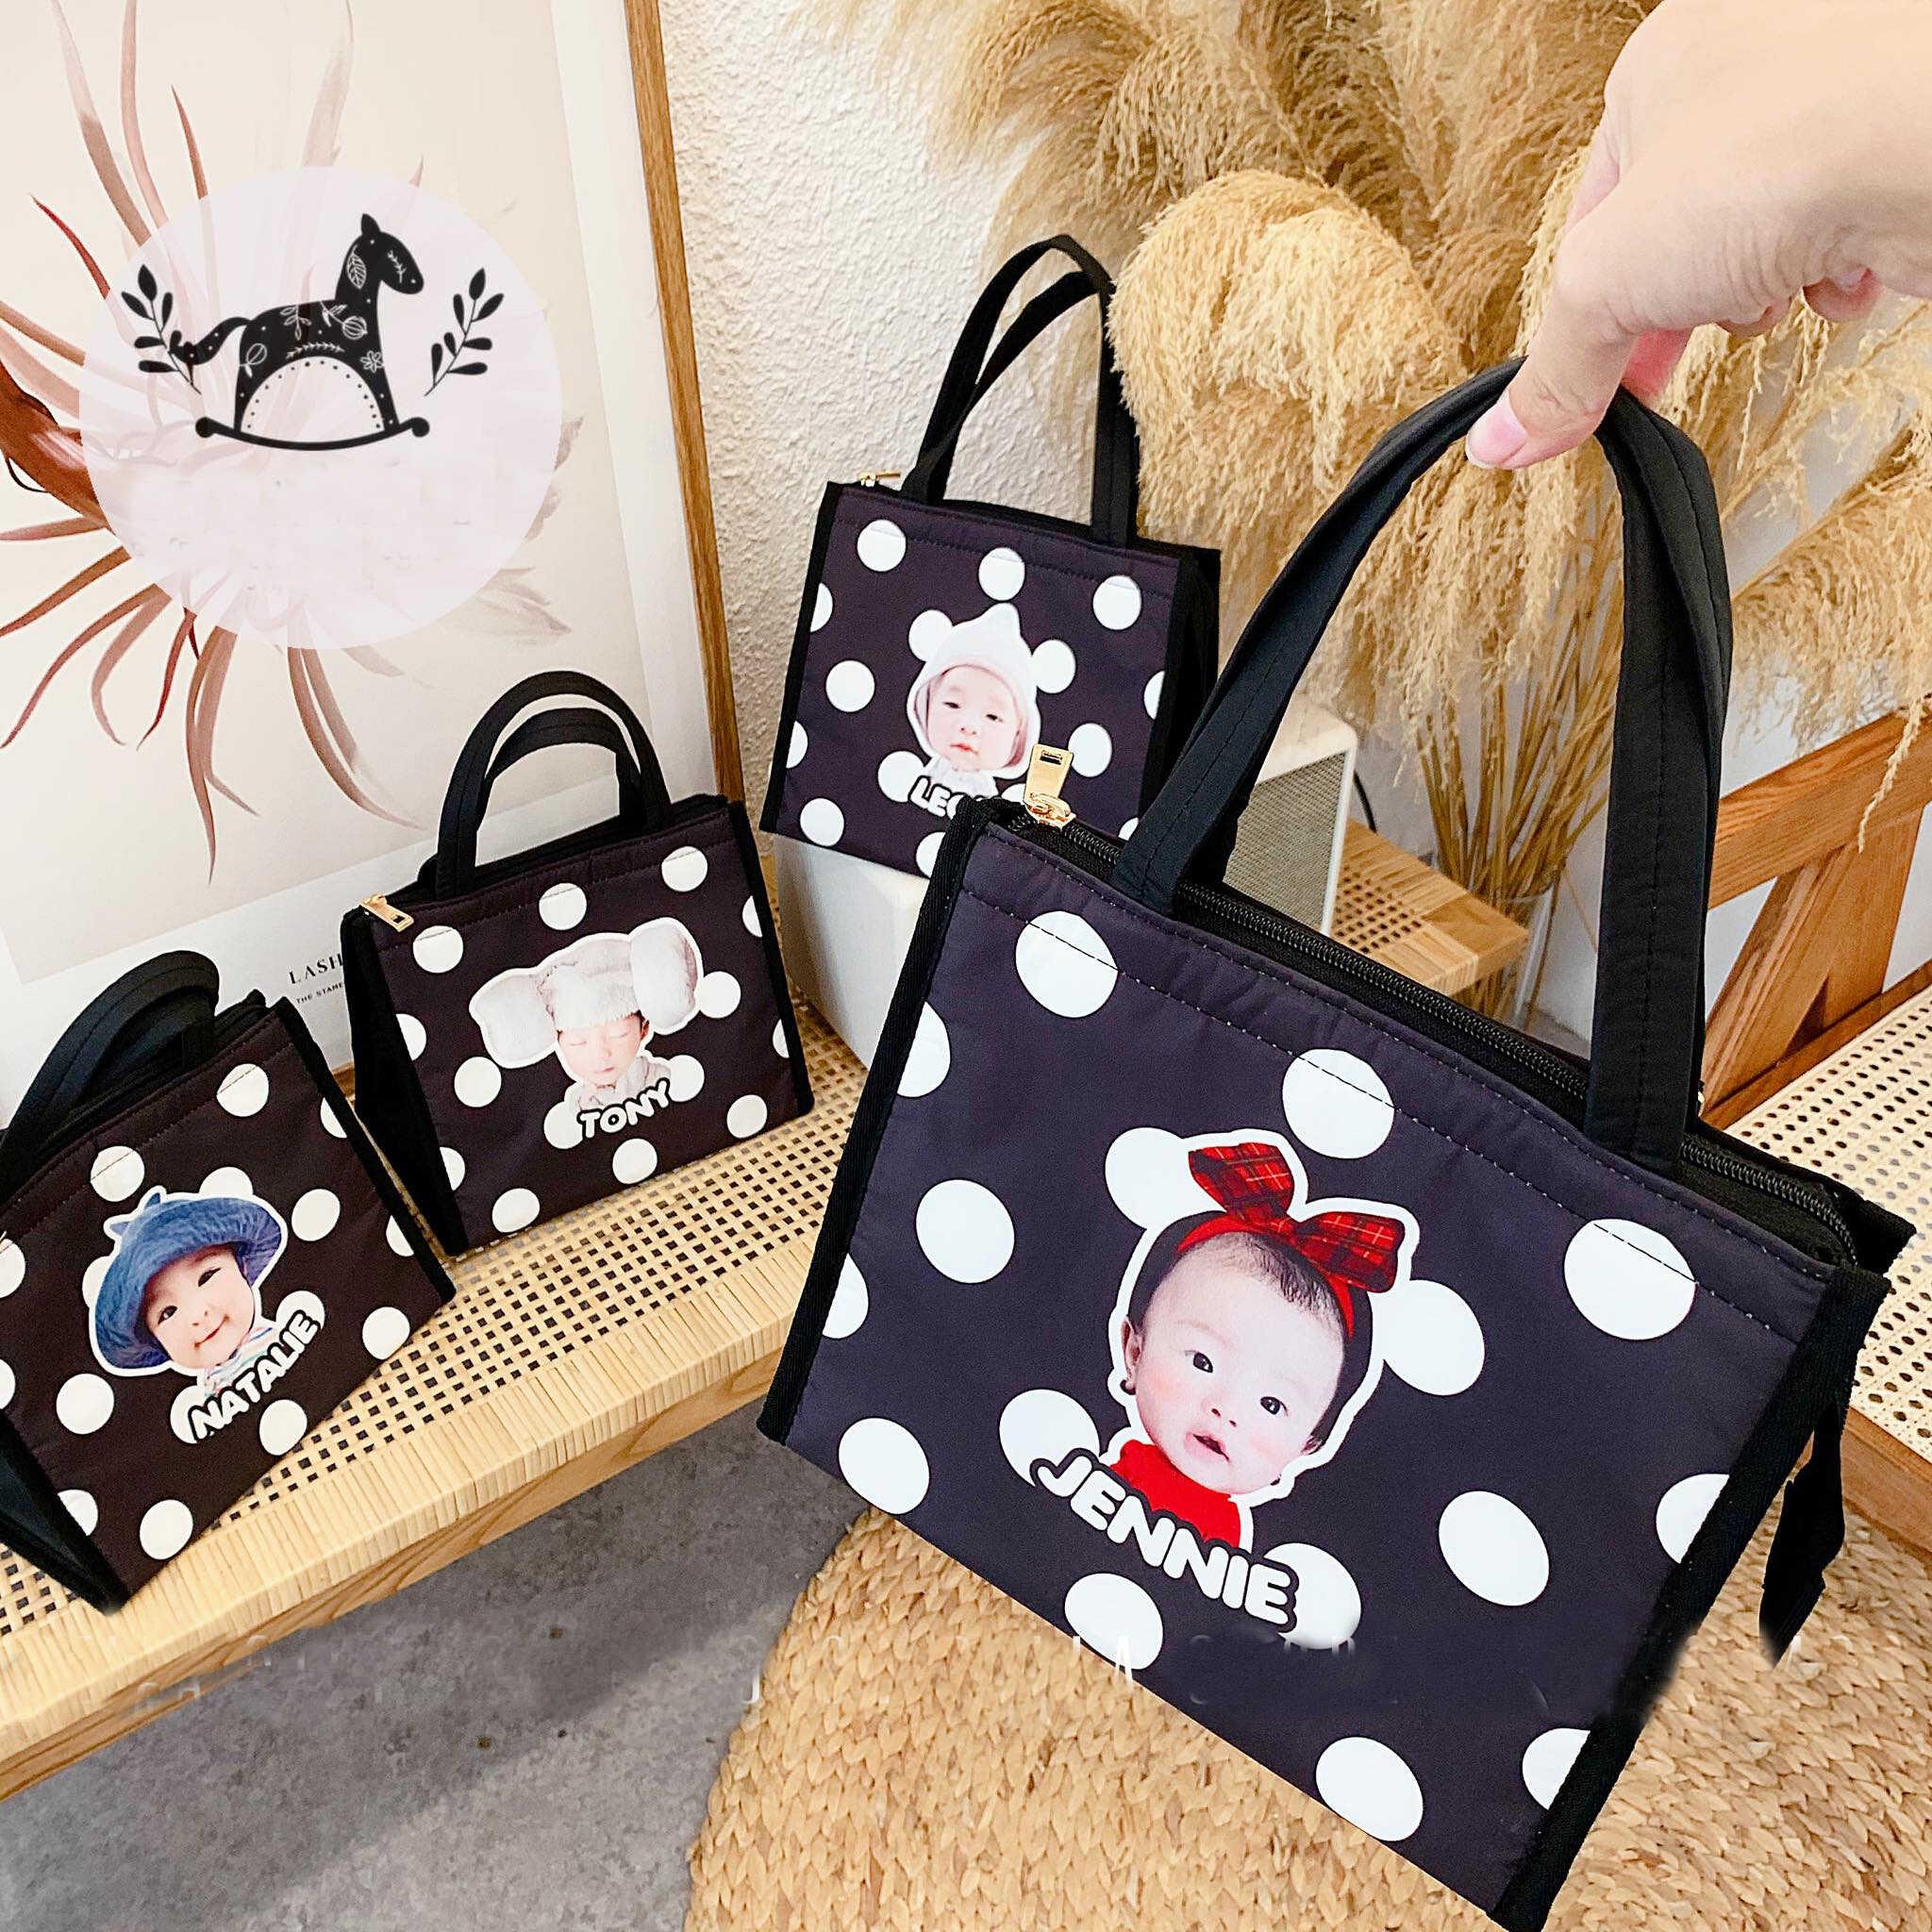 Đến với Trí Việt, khách hàng được mua túi vải canvas một cách dễ dàng với chất lượng tốt cùng mức giá phải chăng.